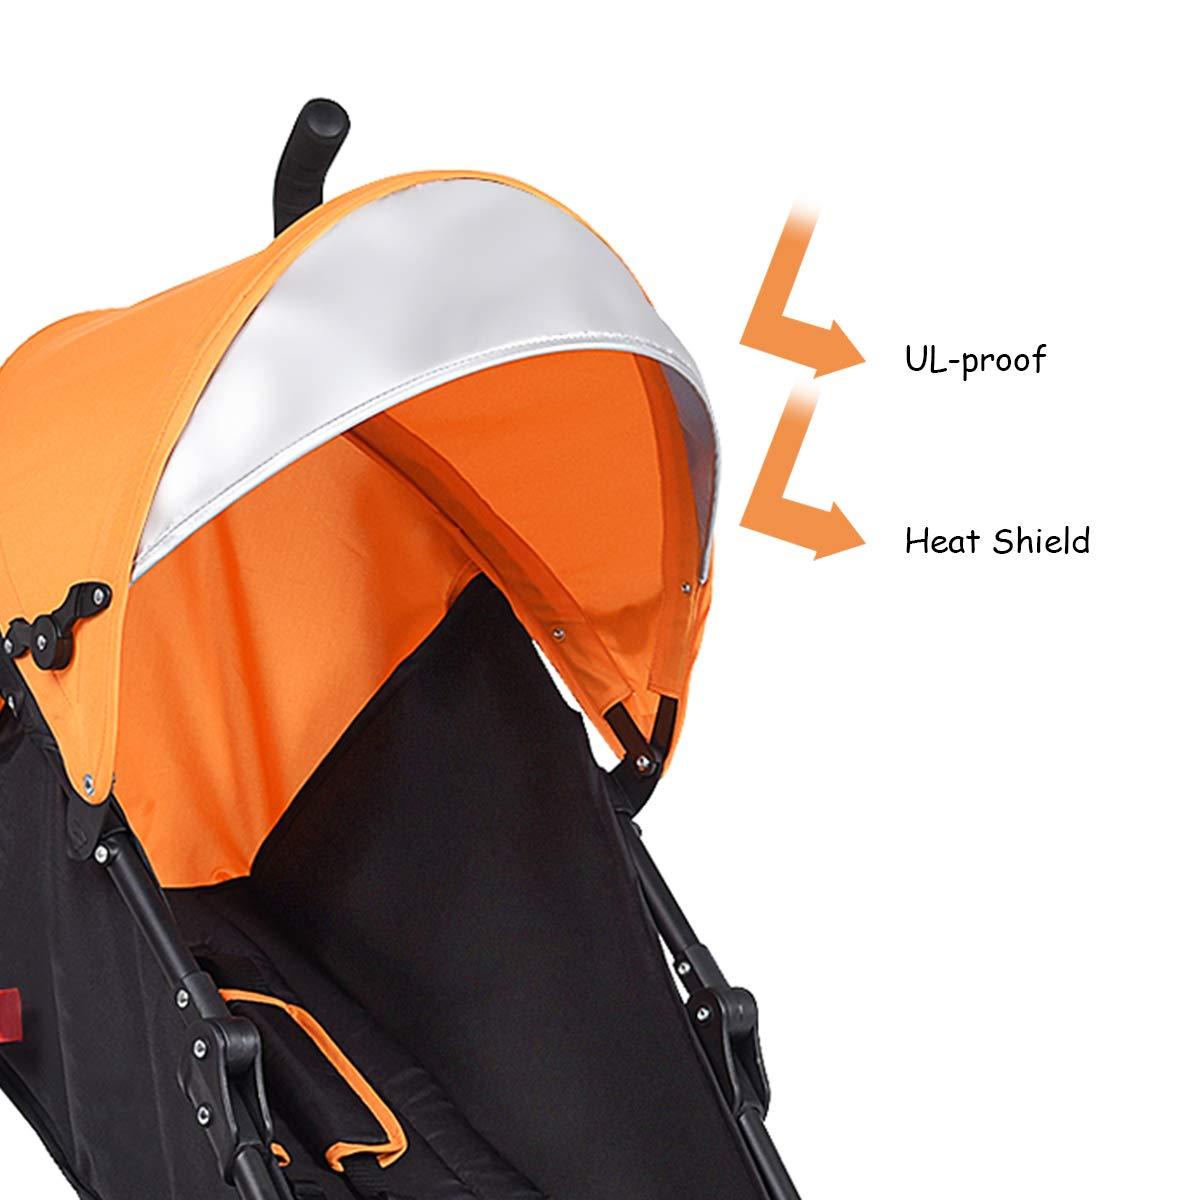 INFANS Lightweight Baby Umbrella Stroller, Foldable Infant Travel Stroller with 4 Position Recline, Adjustable Backrest, Cup Holder, Storage Basket, UV Protection Canopy, Carry Belt (Orange) by INFANS (Image #7)